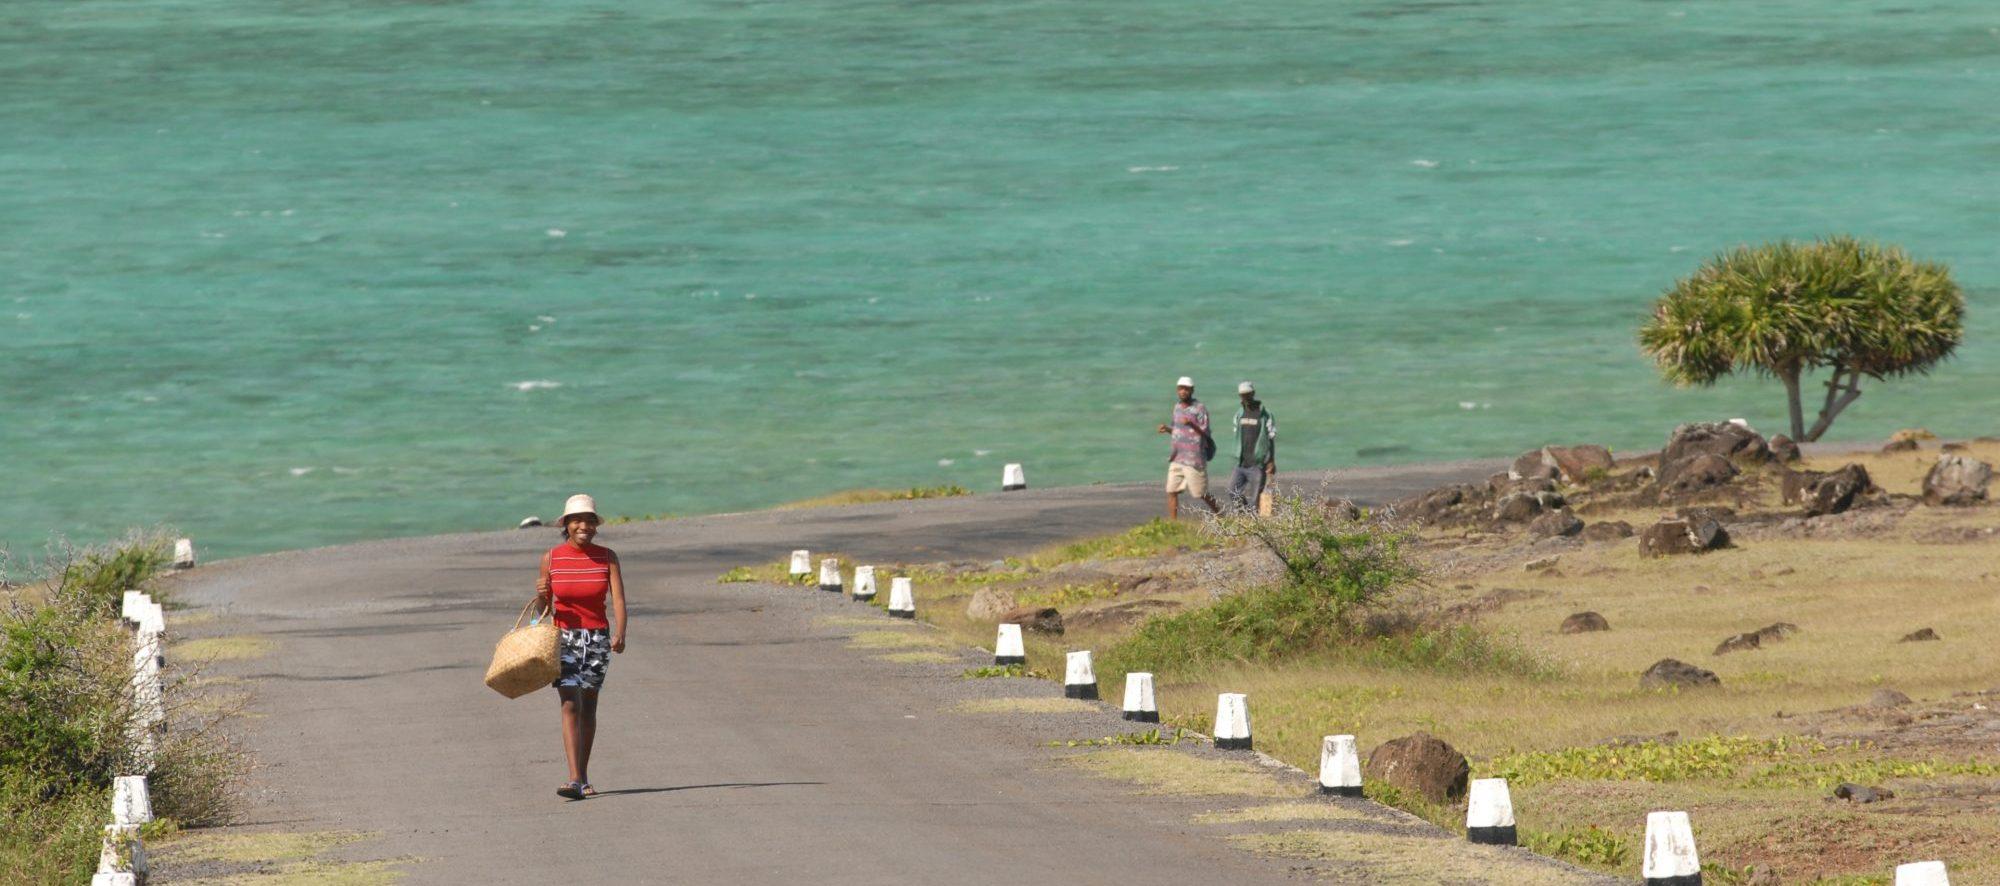 Reportages tourisme